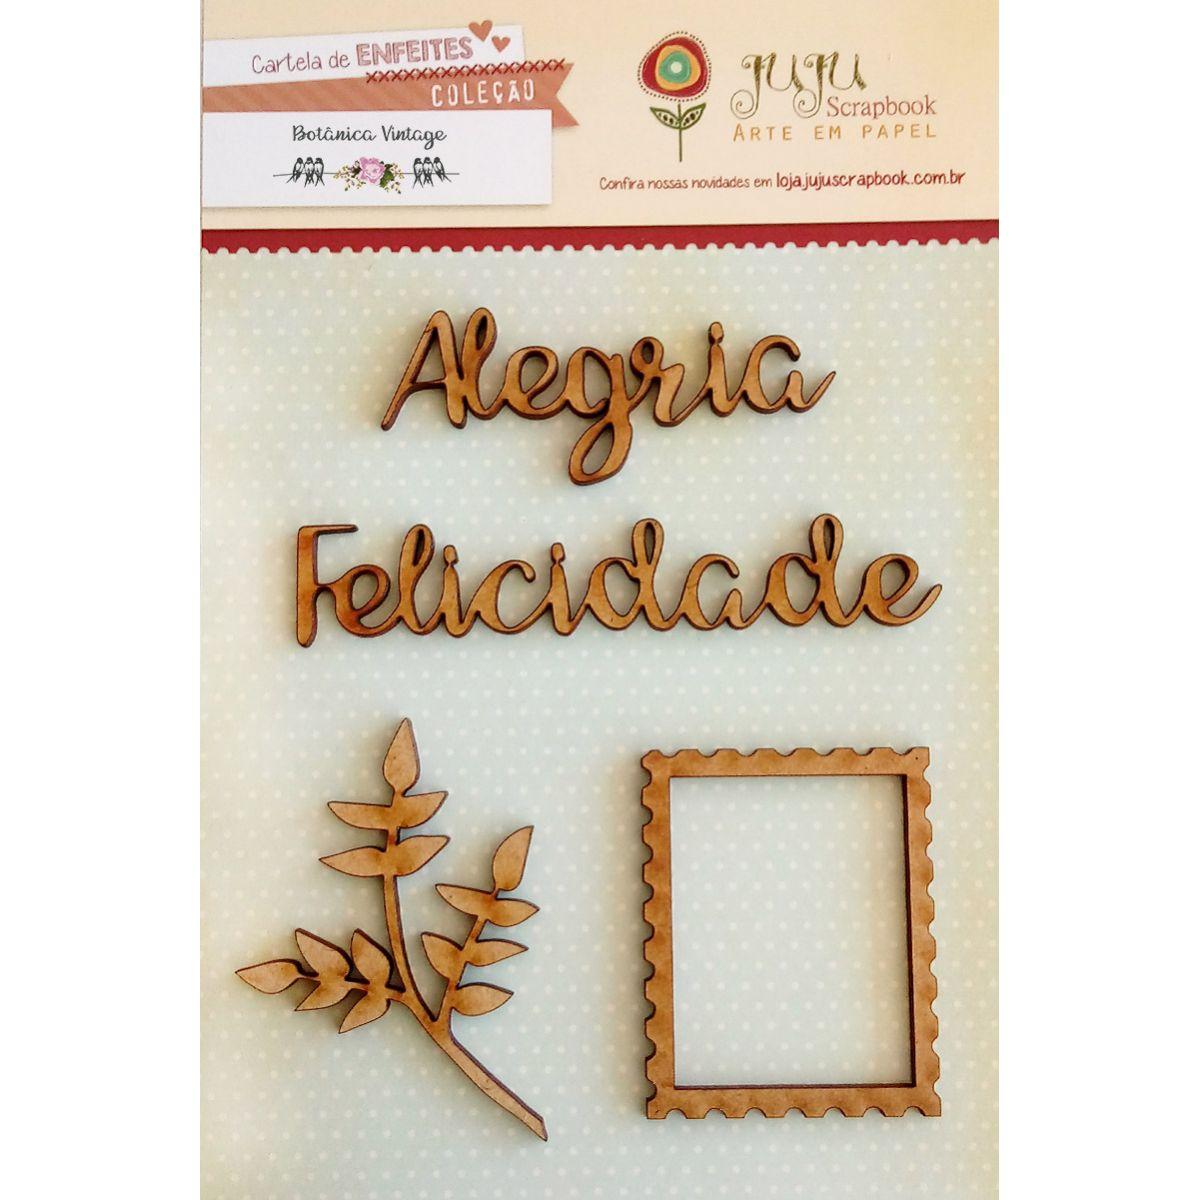 Cartela de Enfeites - Modelo Alegria - Coleção Botânica Vintage / Juju Scrapbook  - JuJu Scrapbook